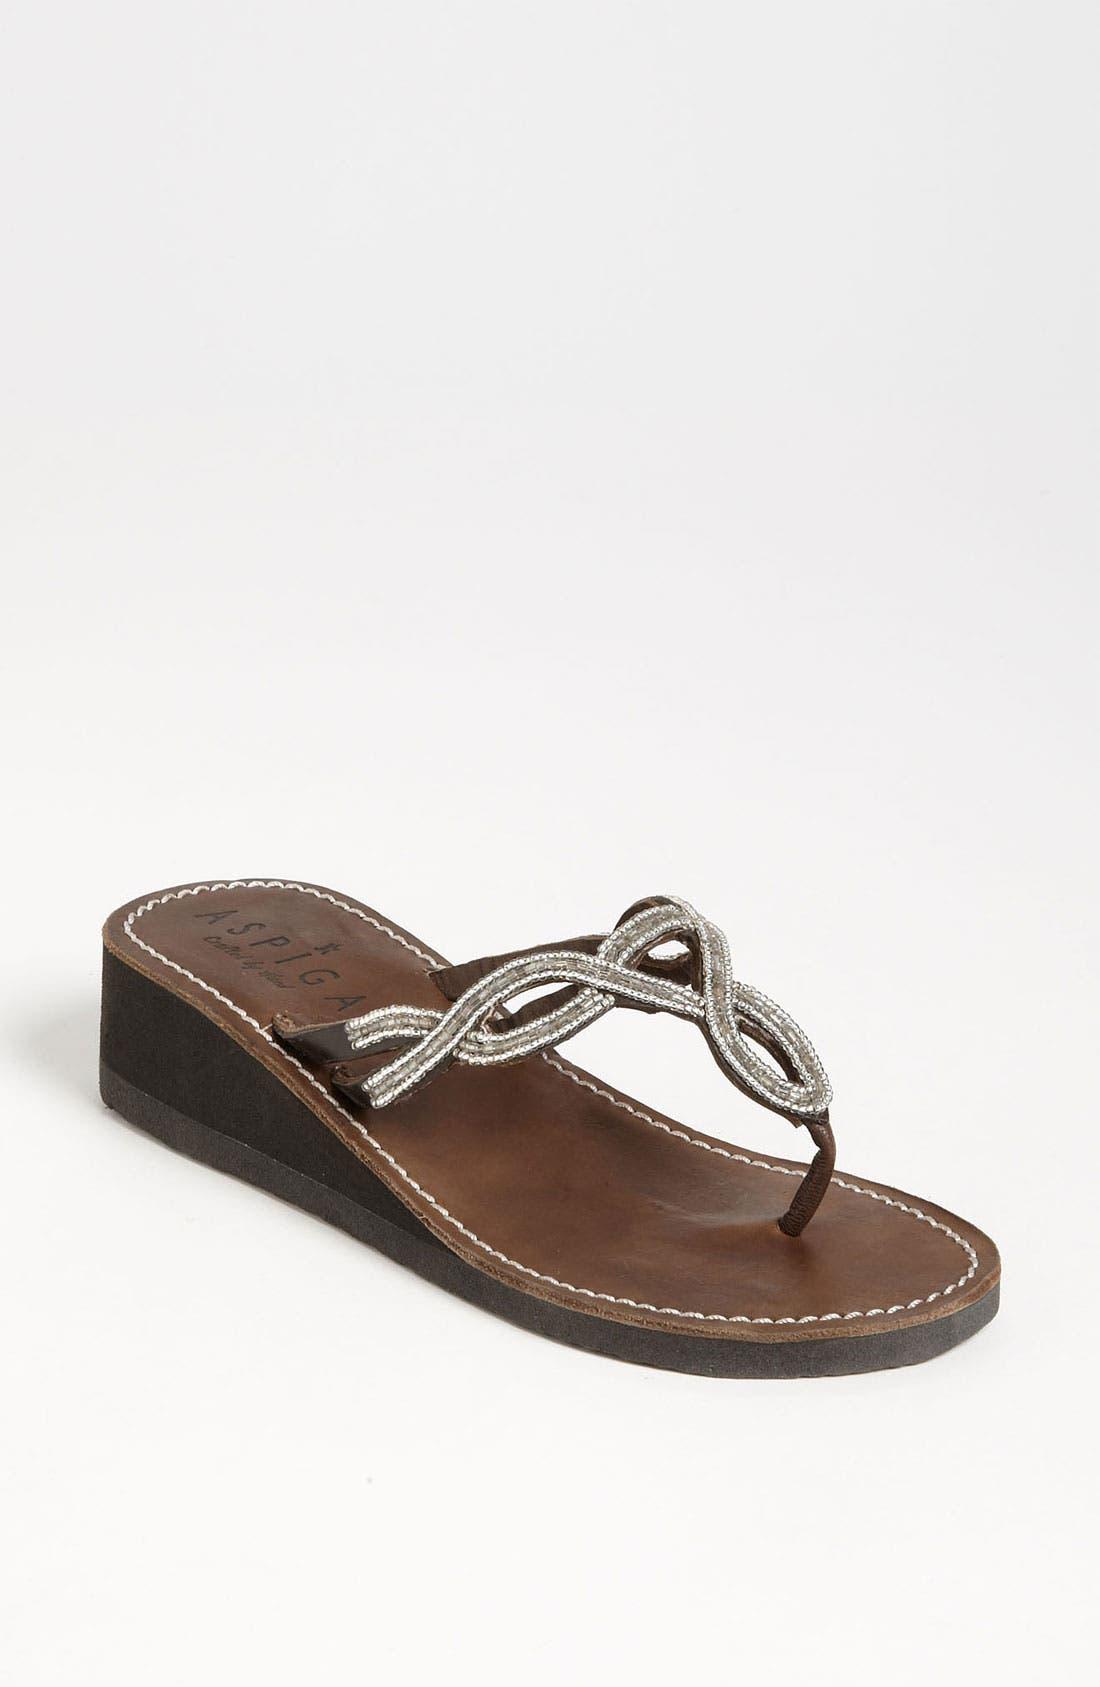 Main Image - Aspiga 'Zanzibar' Sandal